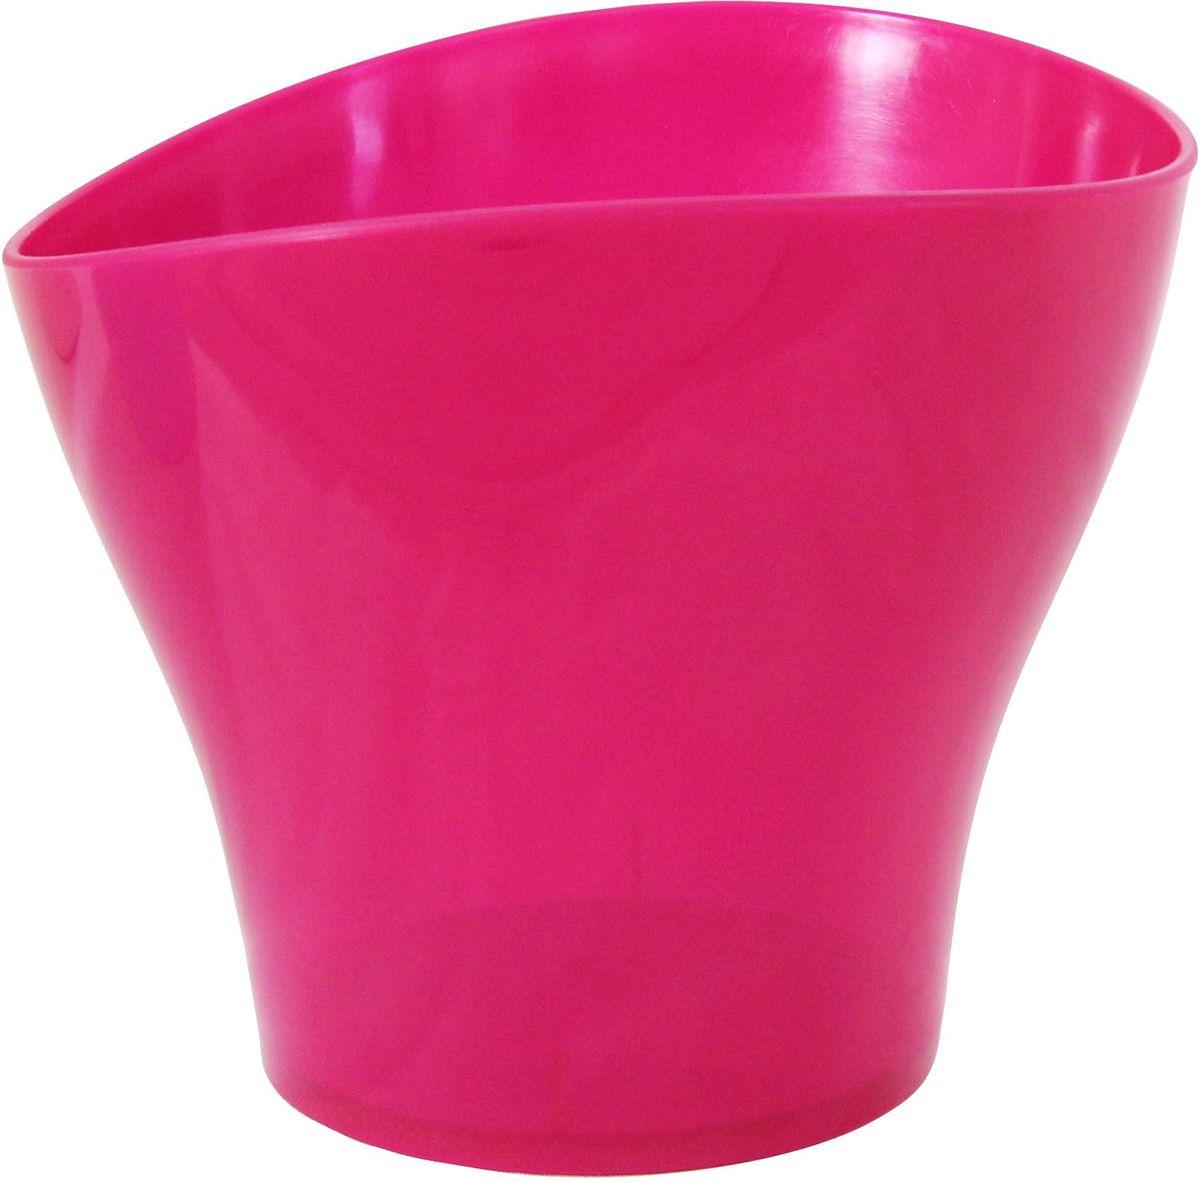 Кашпо Idea Волна, цвет: малиновый, 800 мл531-322Кашпо Idea Волна изготовлено из прочного полипропилена (пластика) и предназначено для выращивания растений, цветов и трав в домашних условиях. Такое кашпо порадует вас функциональностью, а благодаря лаконичному дизайну впишется в любой интерьер помещения. Объем кашпо: 0,8 л.